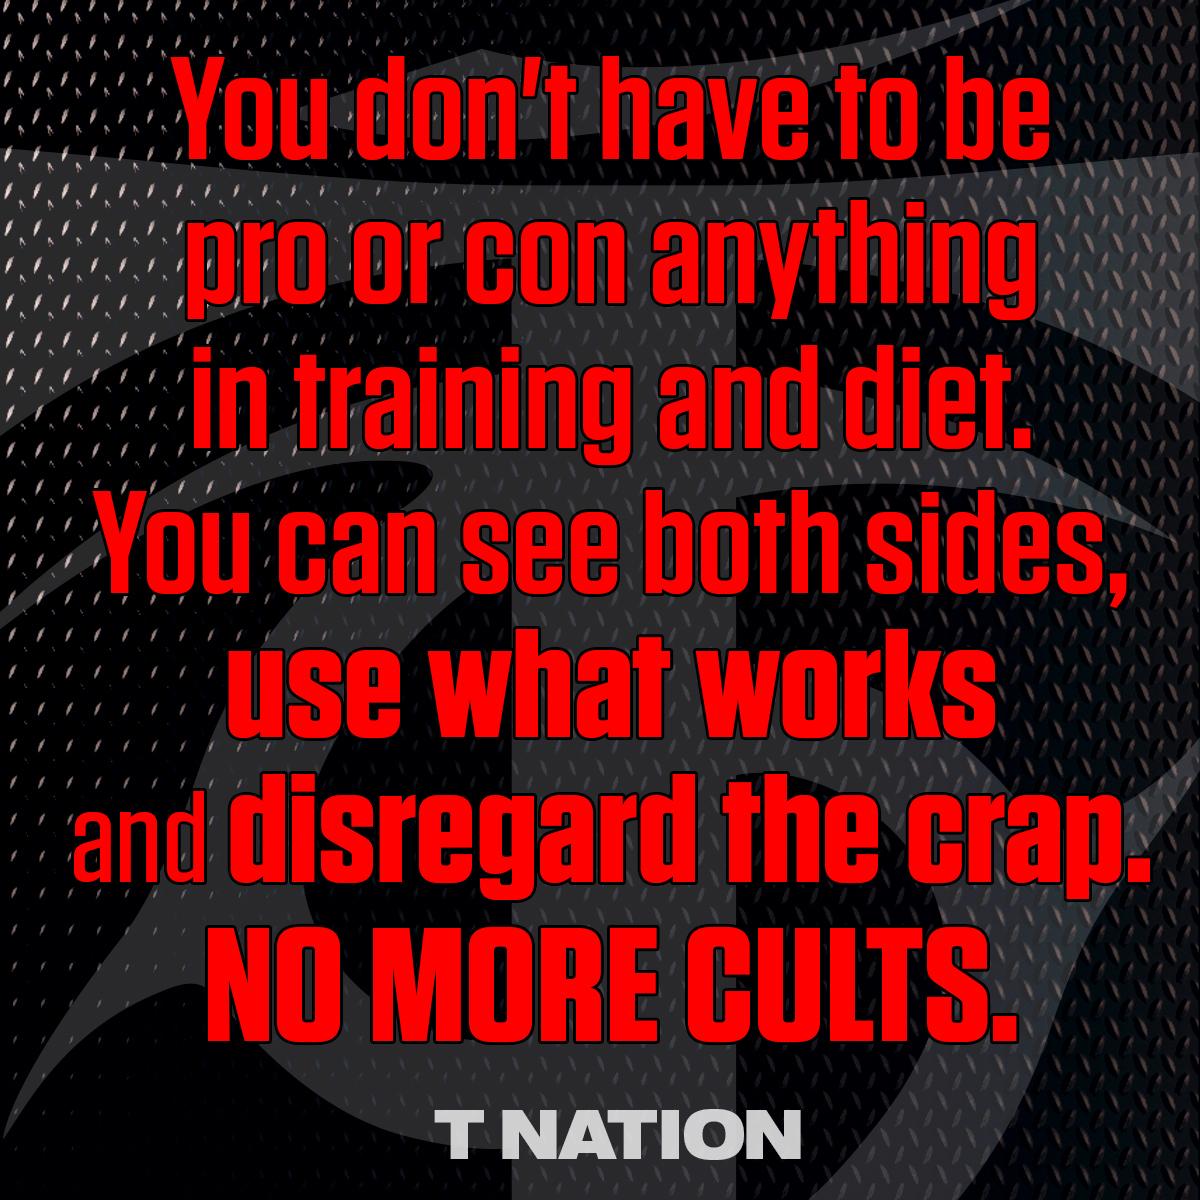 No More Cults